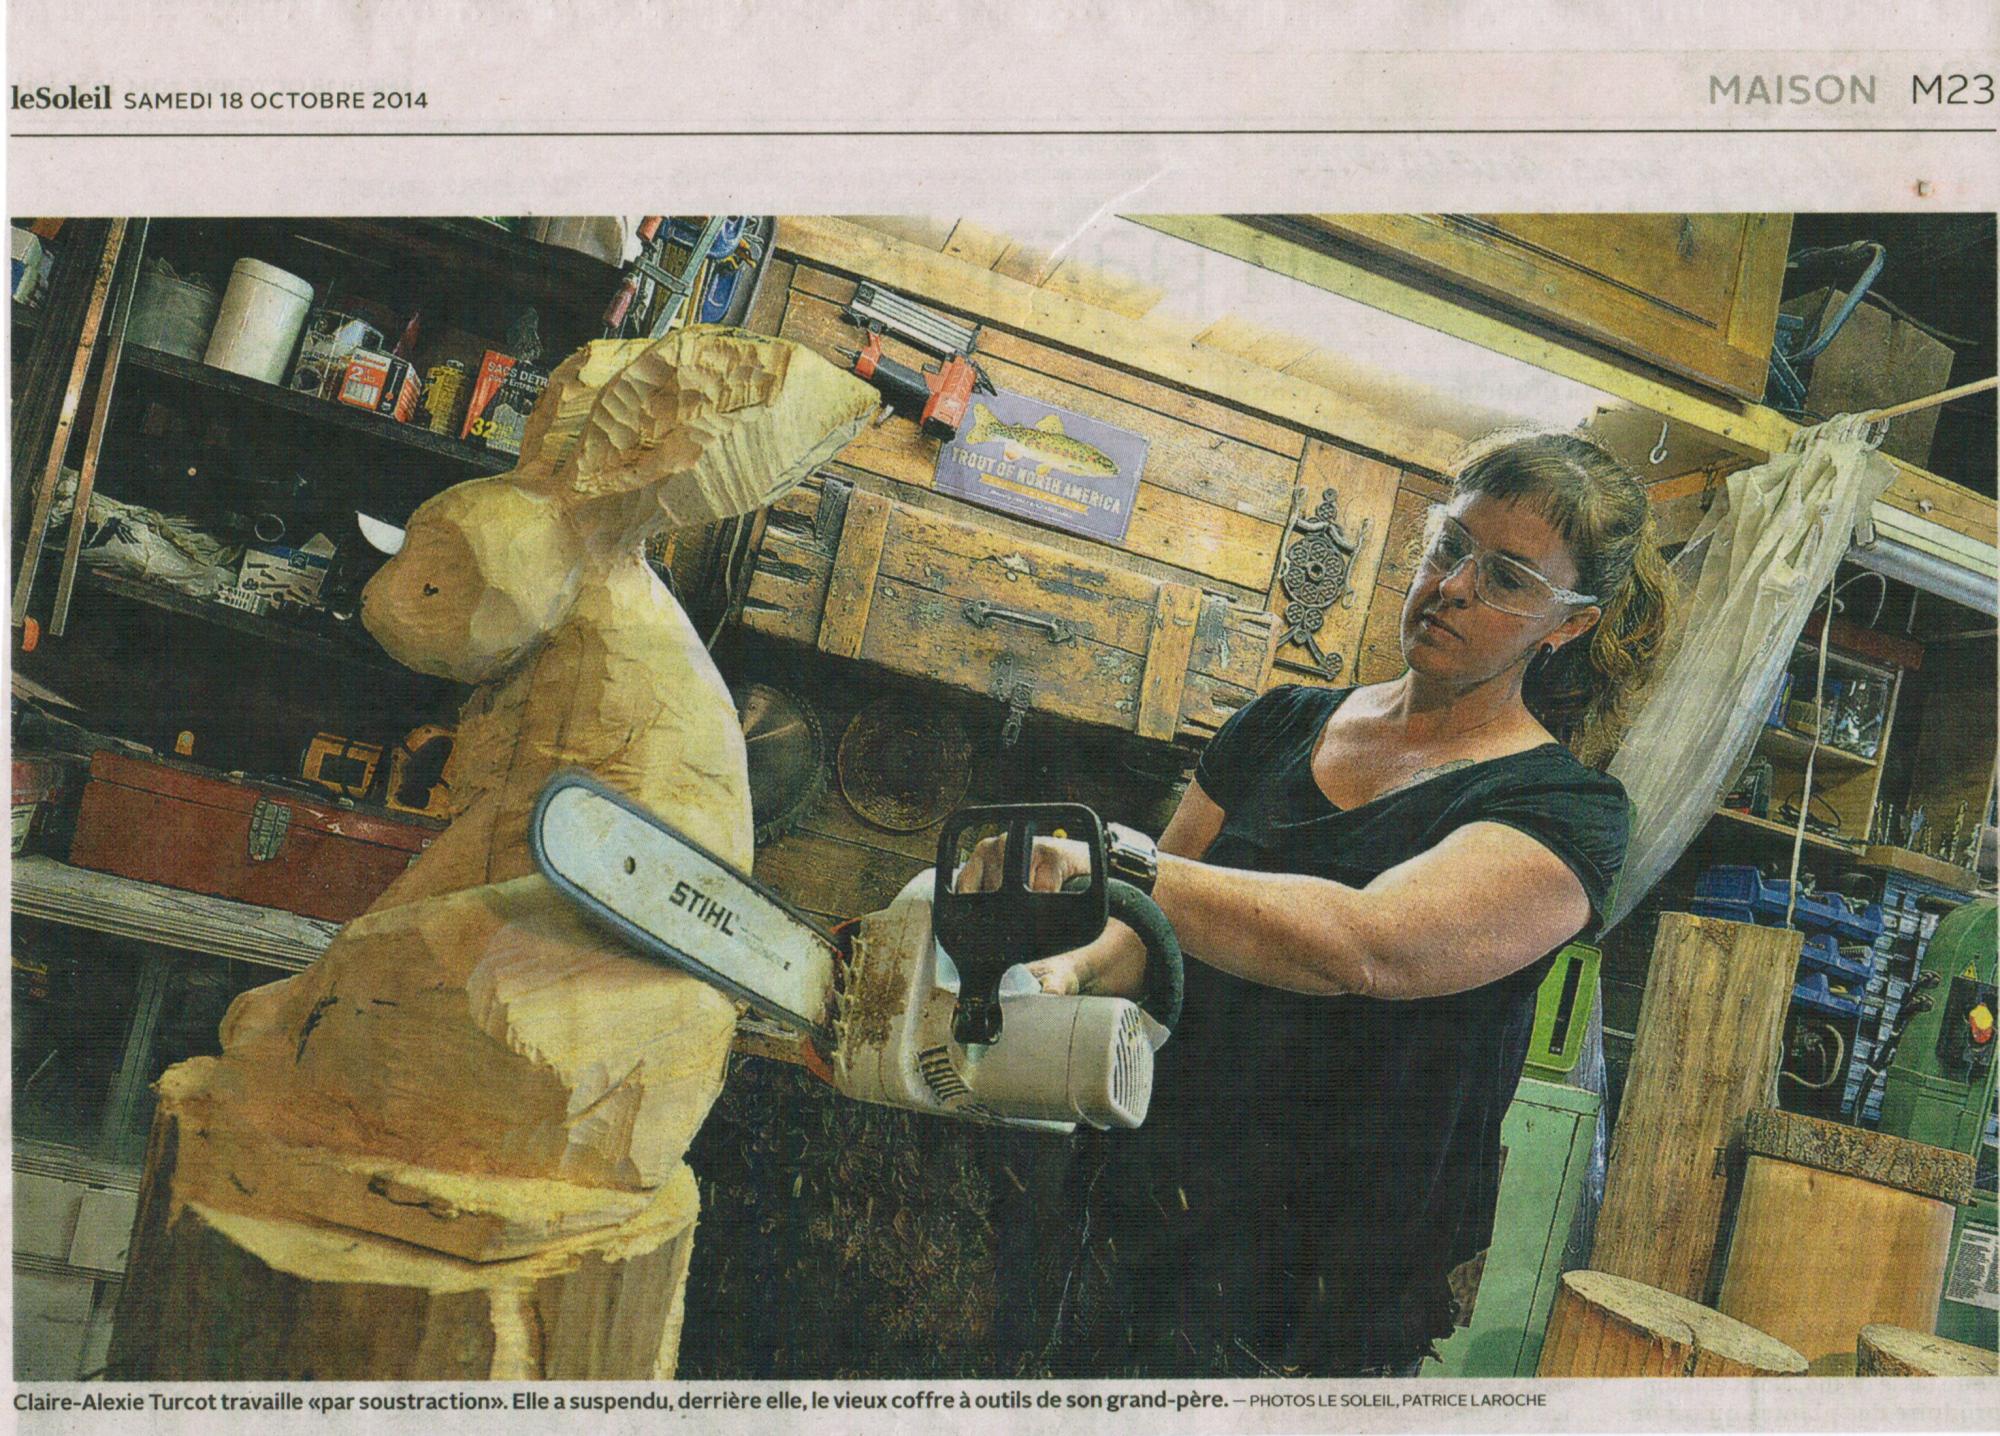 Article de presse sur Claire-Alexie Turcot, sculpteure-